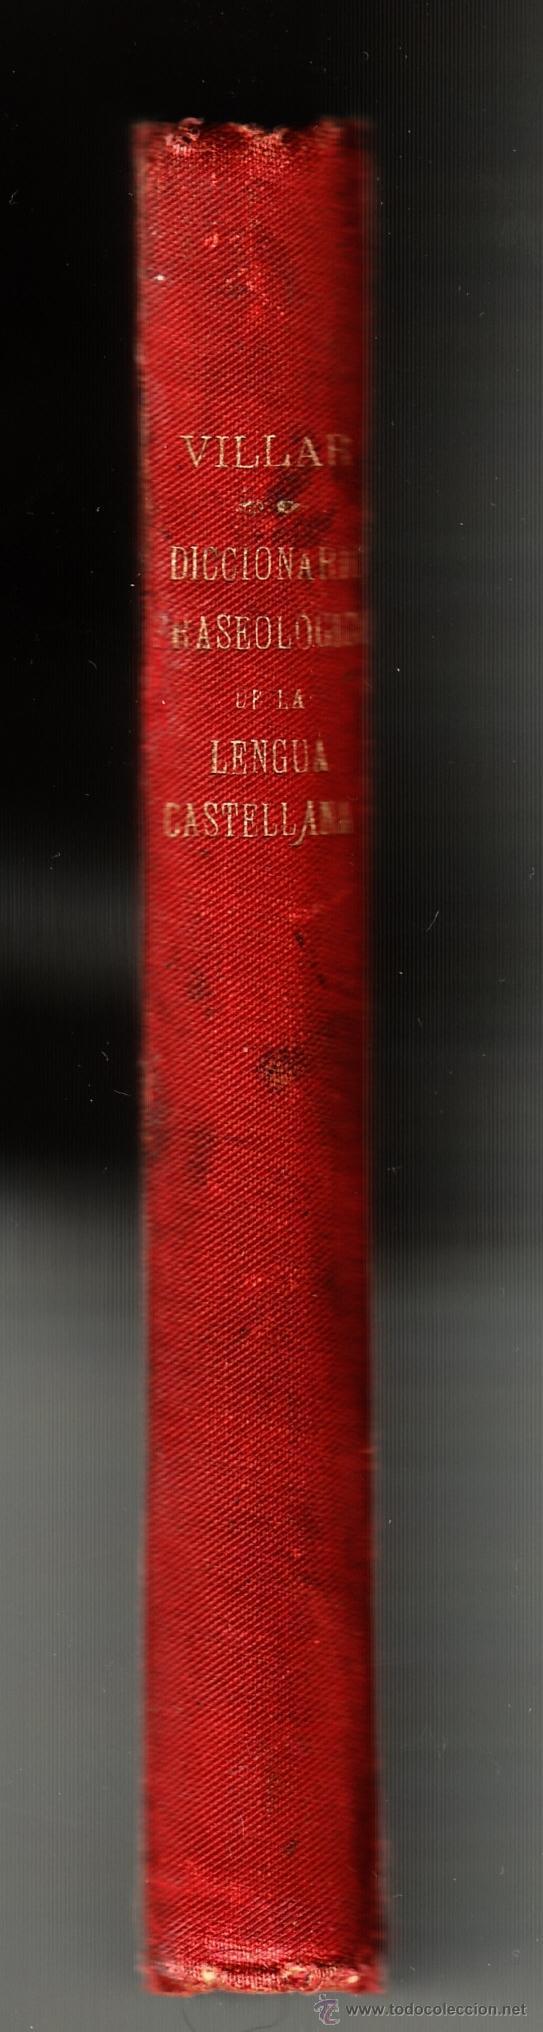 DICCIONARIO FRASEOLÓGICO TOMÁS VILLAR Y SOTO TOLEDO RAFAEL G. MENOR 1901 FIRMADO (Libros Antiguos, Raros y Curiosos - Diccionarios)